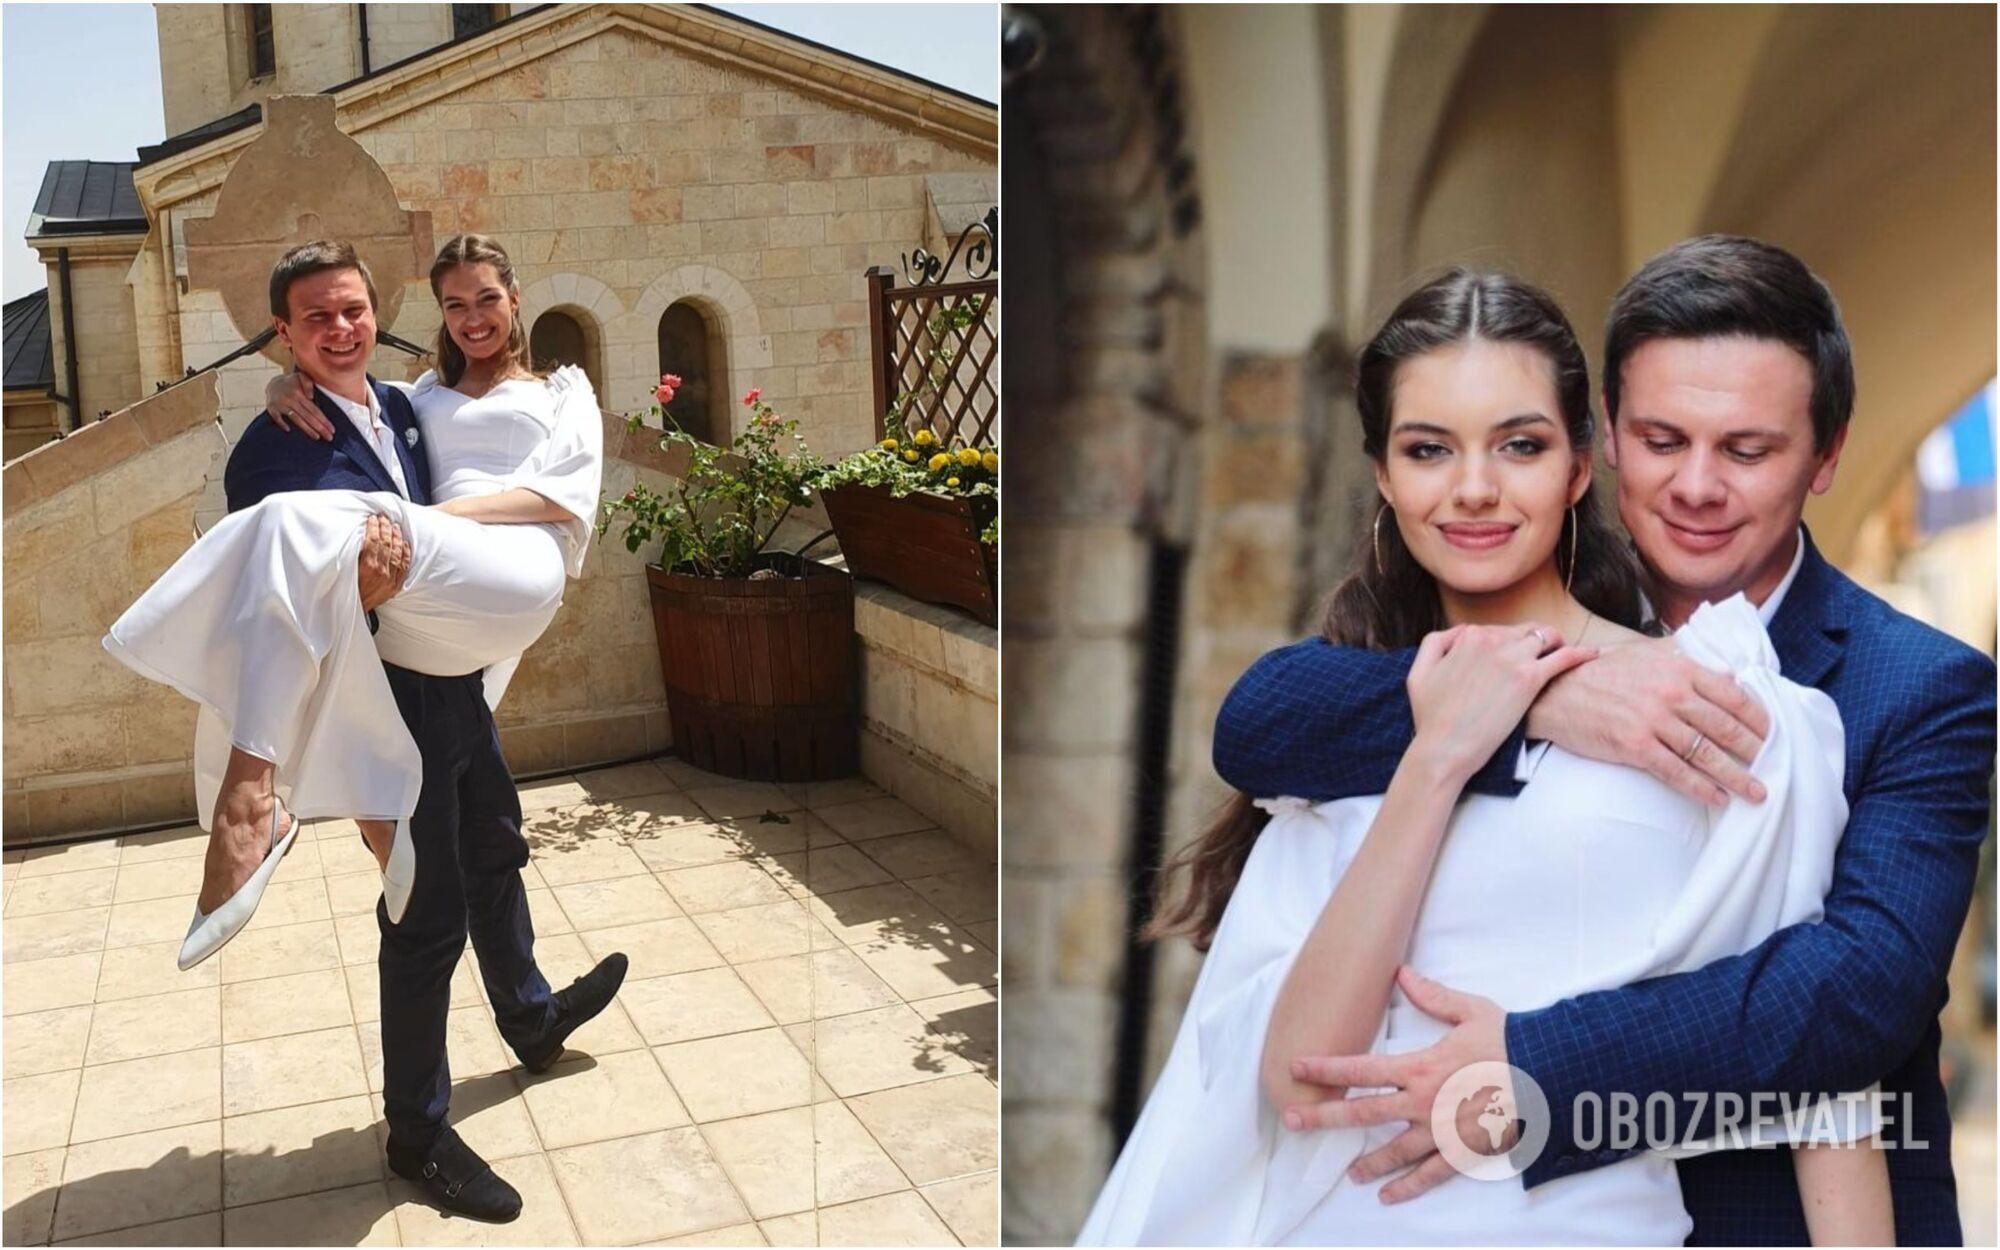 Александра Кучеренко и Дмитрий Комаров поженились в 2019 году